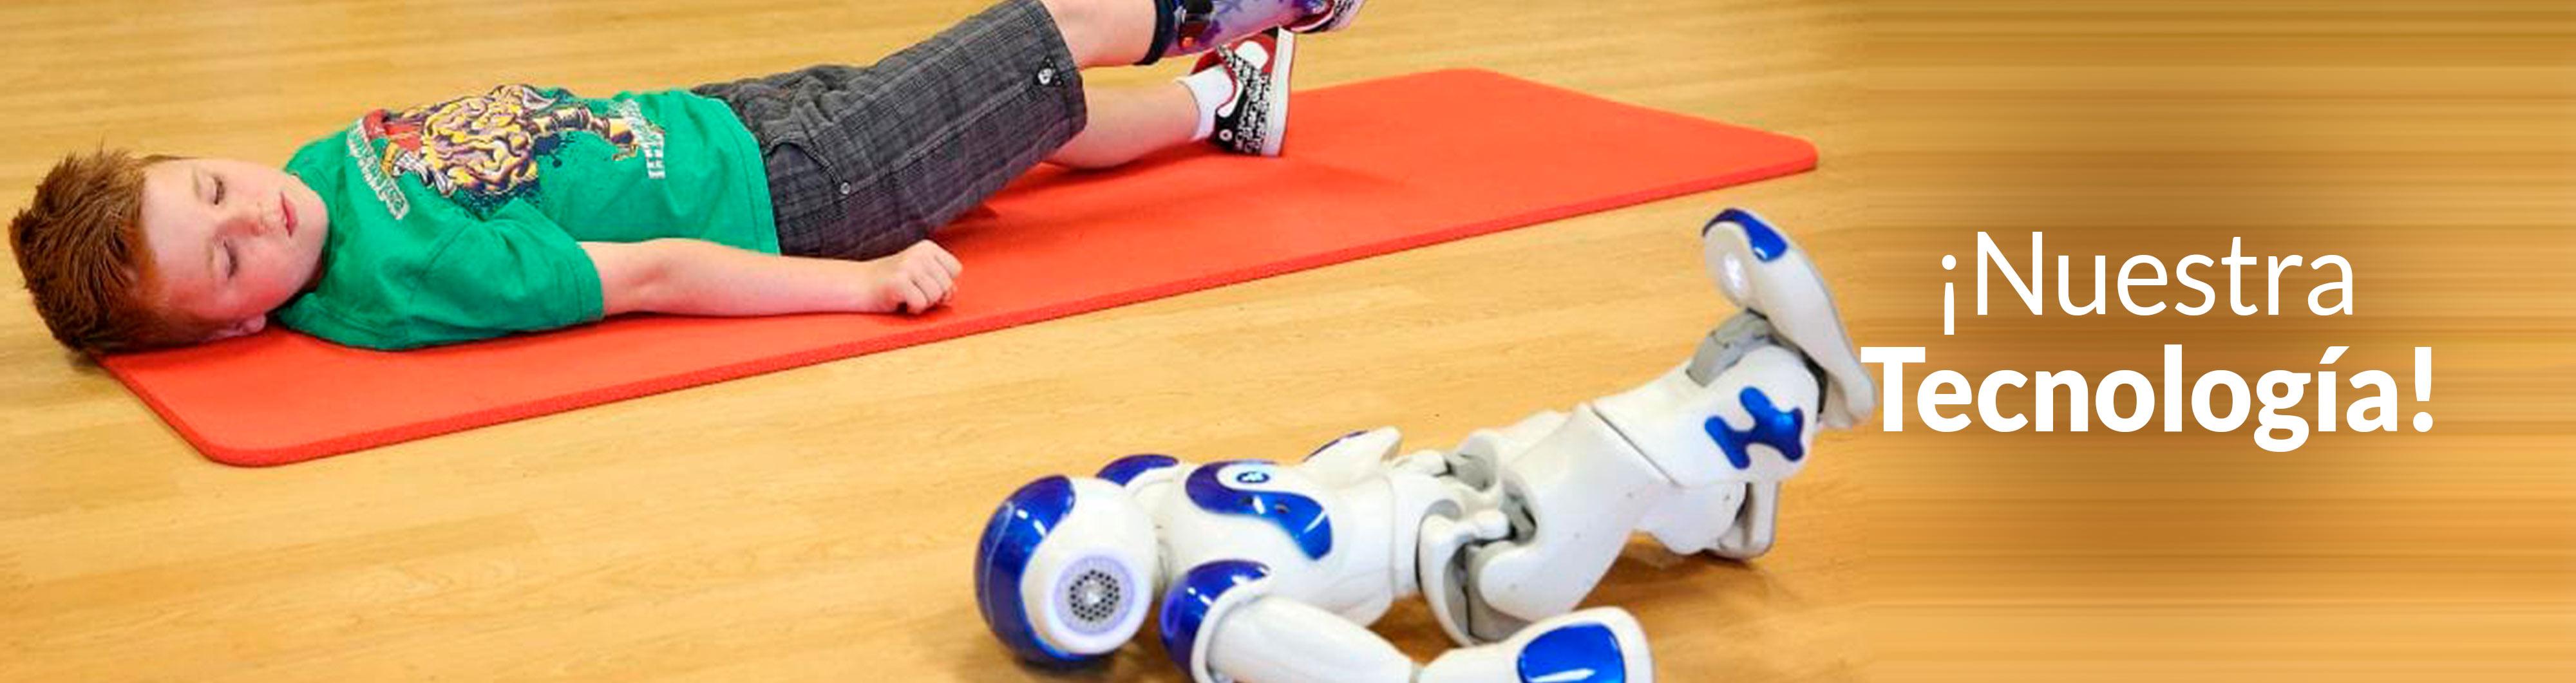 Robot Nao para terapia en Centros de Rehabilitación